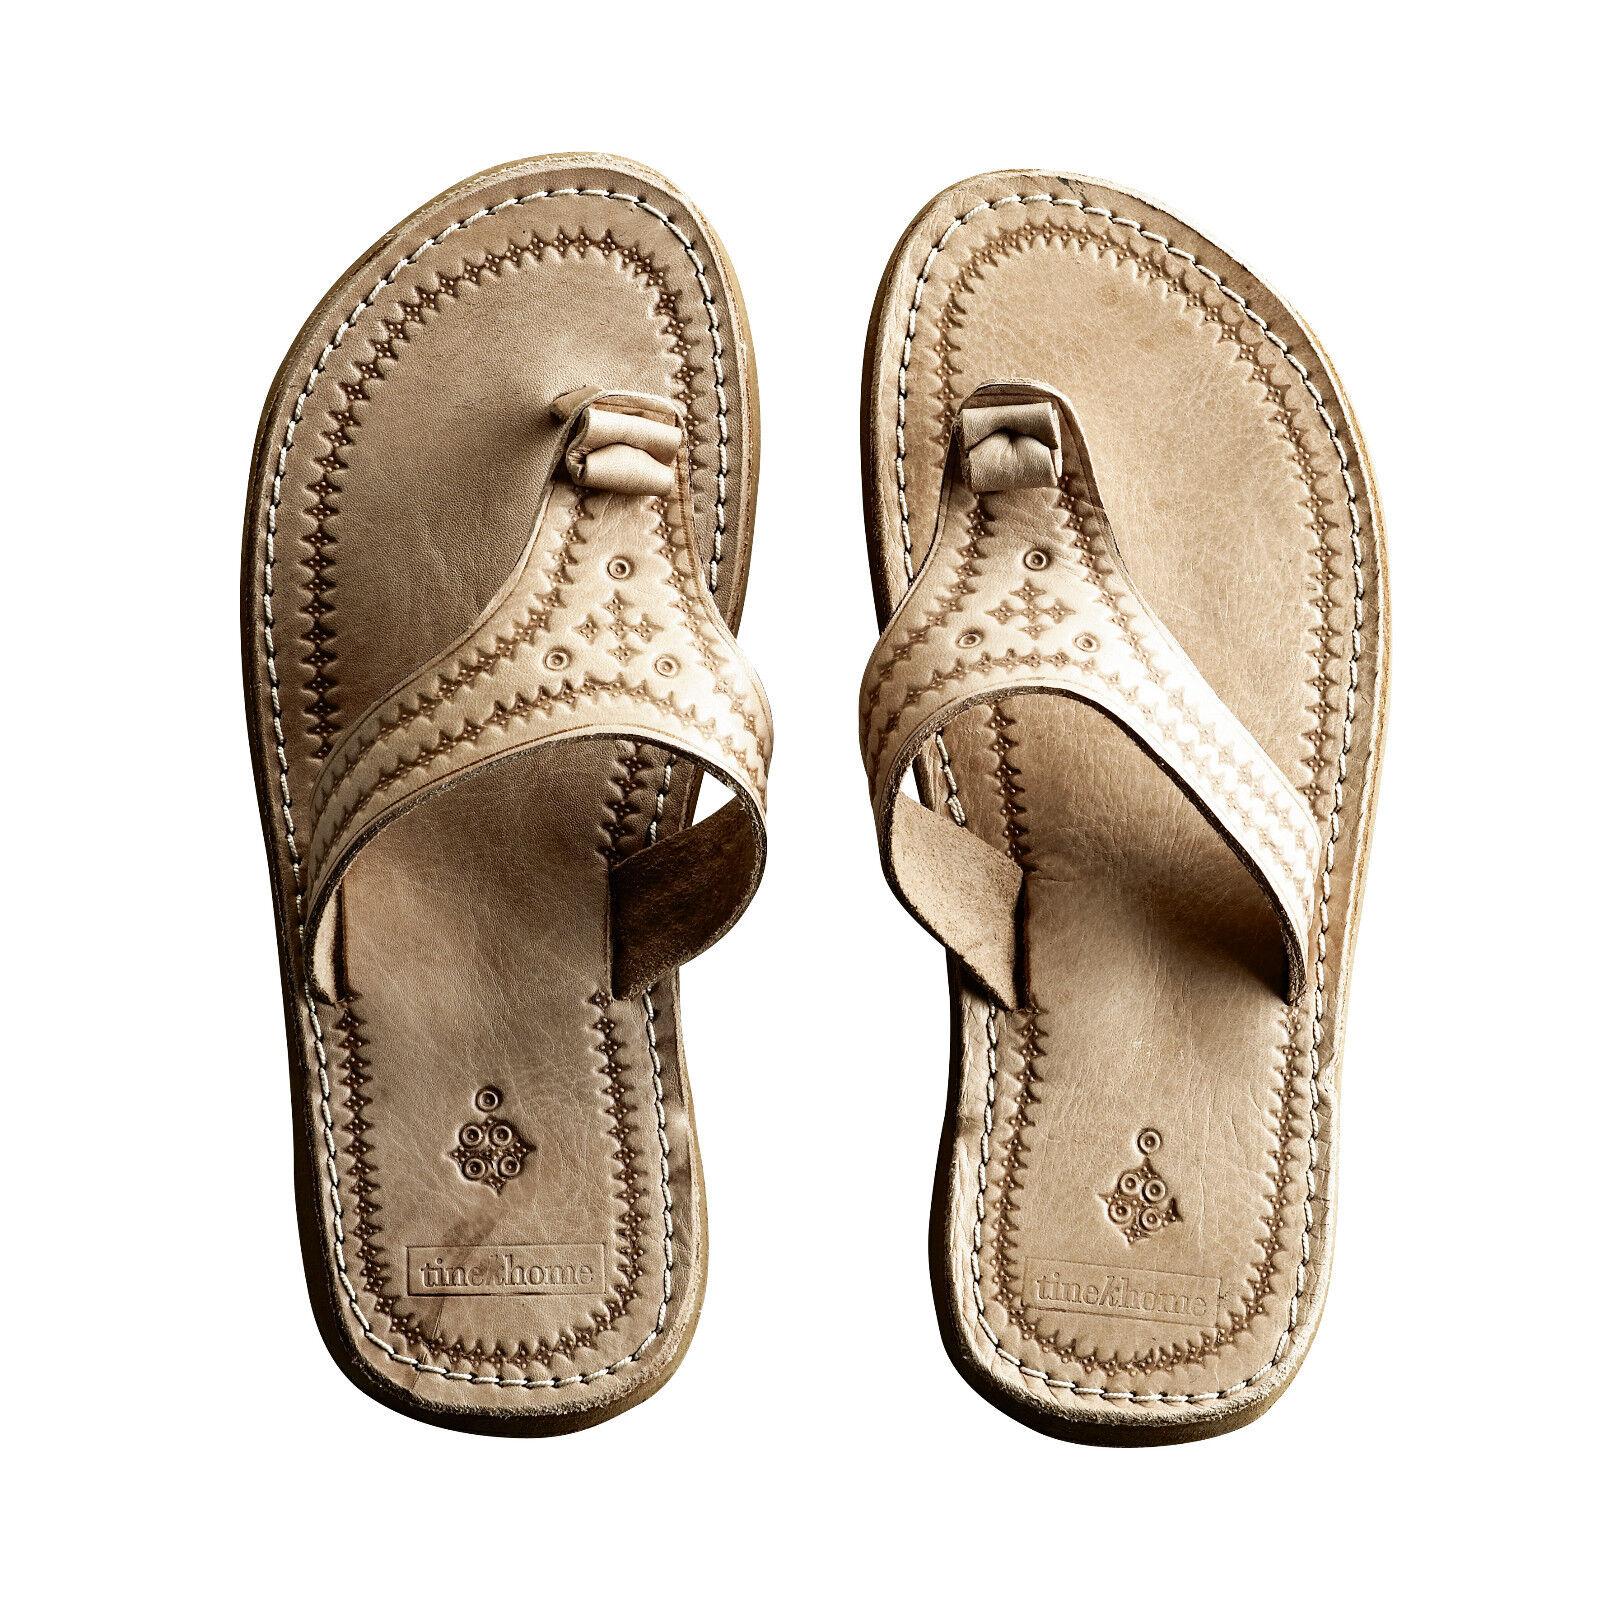 Tine K Home Zehentrenner Sandale Leder Stil Marokko Handarbeit Gr. 41